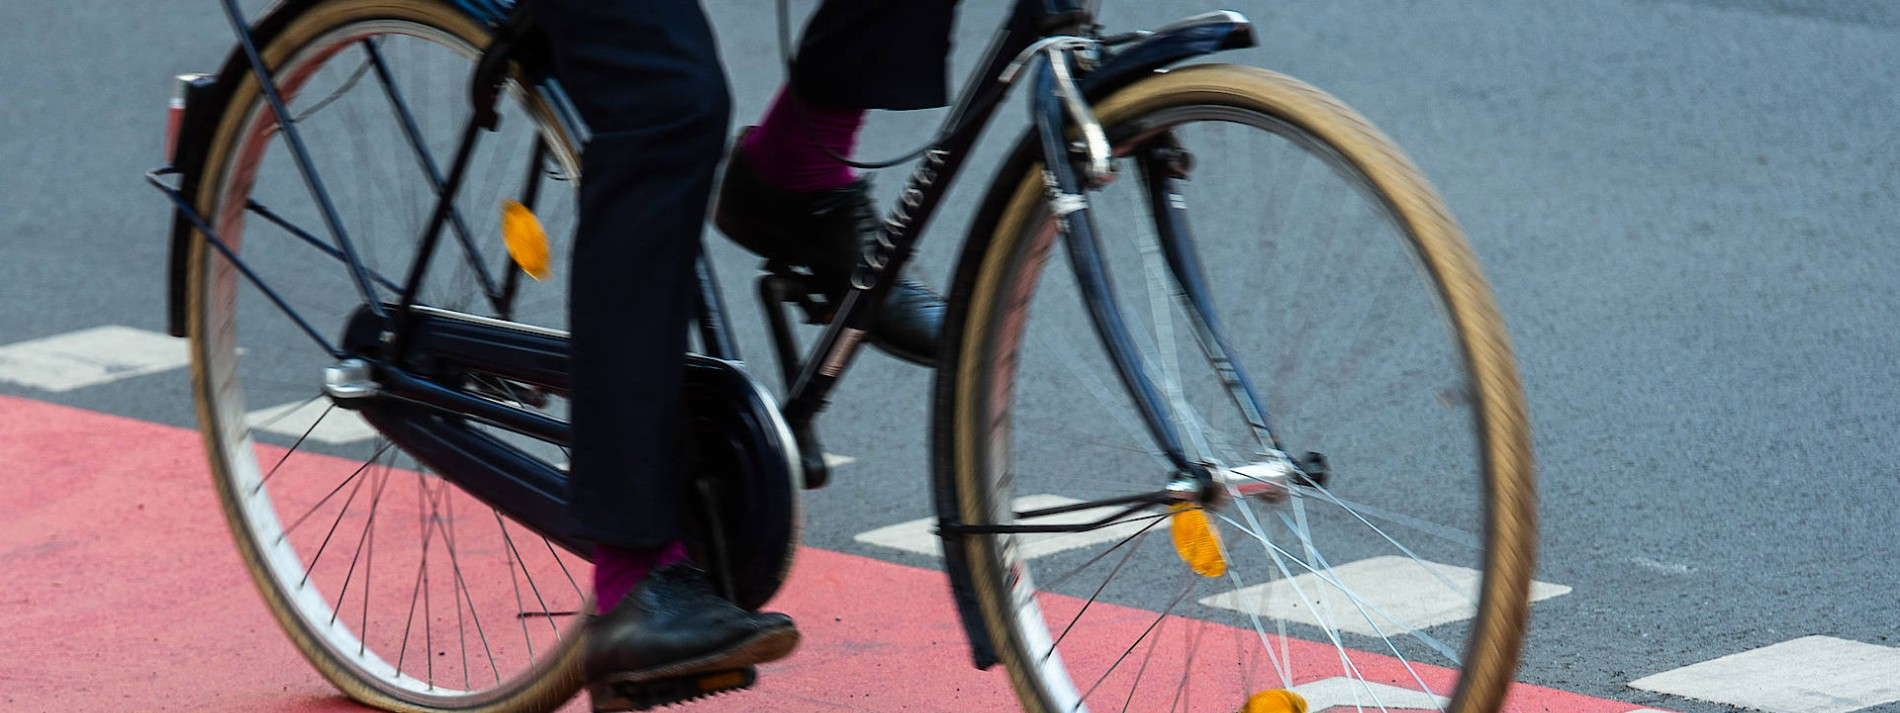 Mehr Sicherheit für Radler